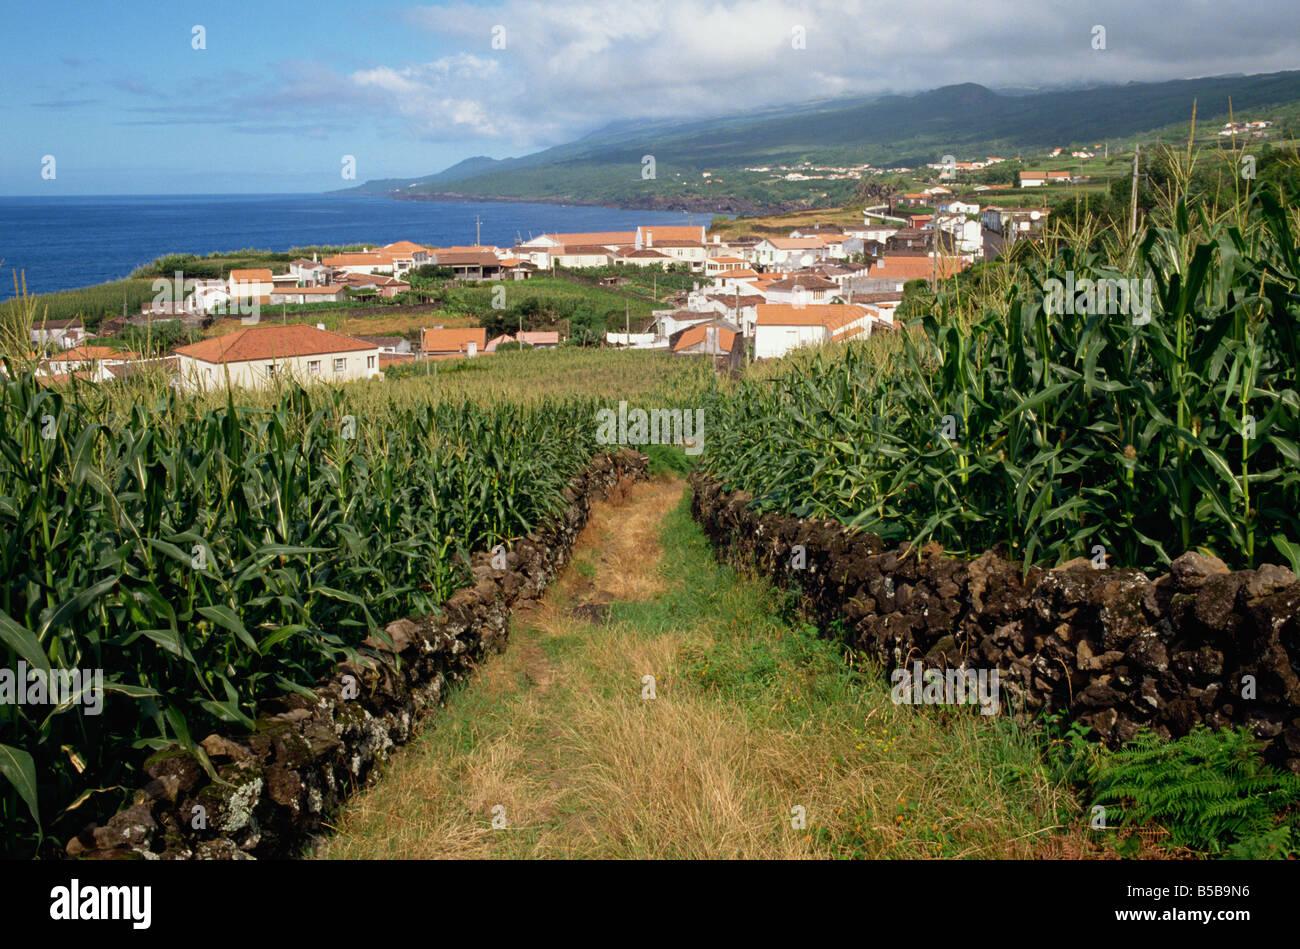 Los campos de maíz en la Ribeira do Meio Pico Azores Portugal Europa Atlántica Imagen De Stock